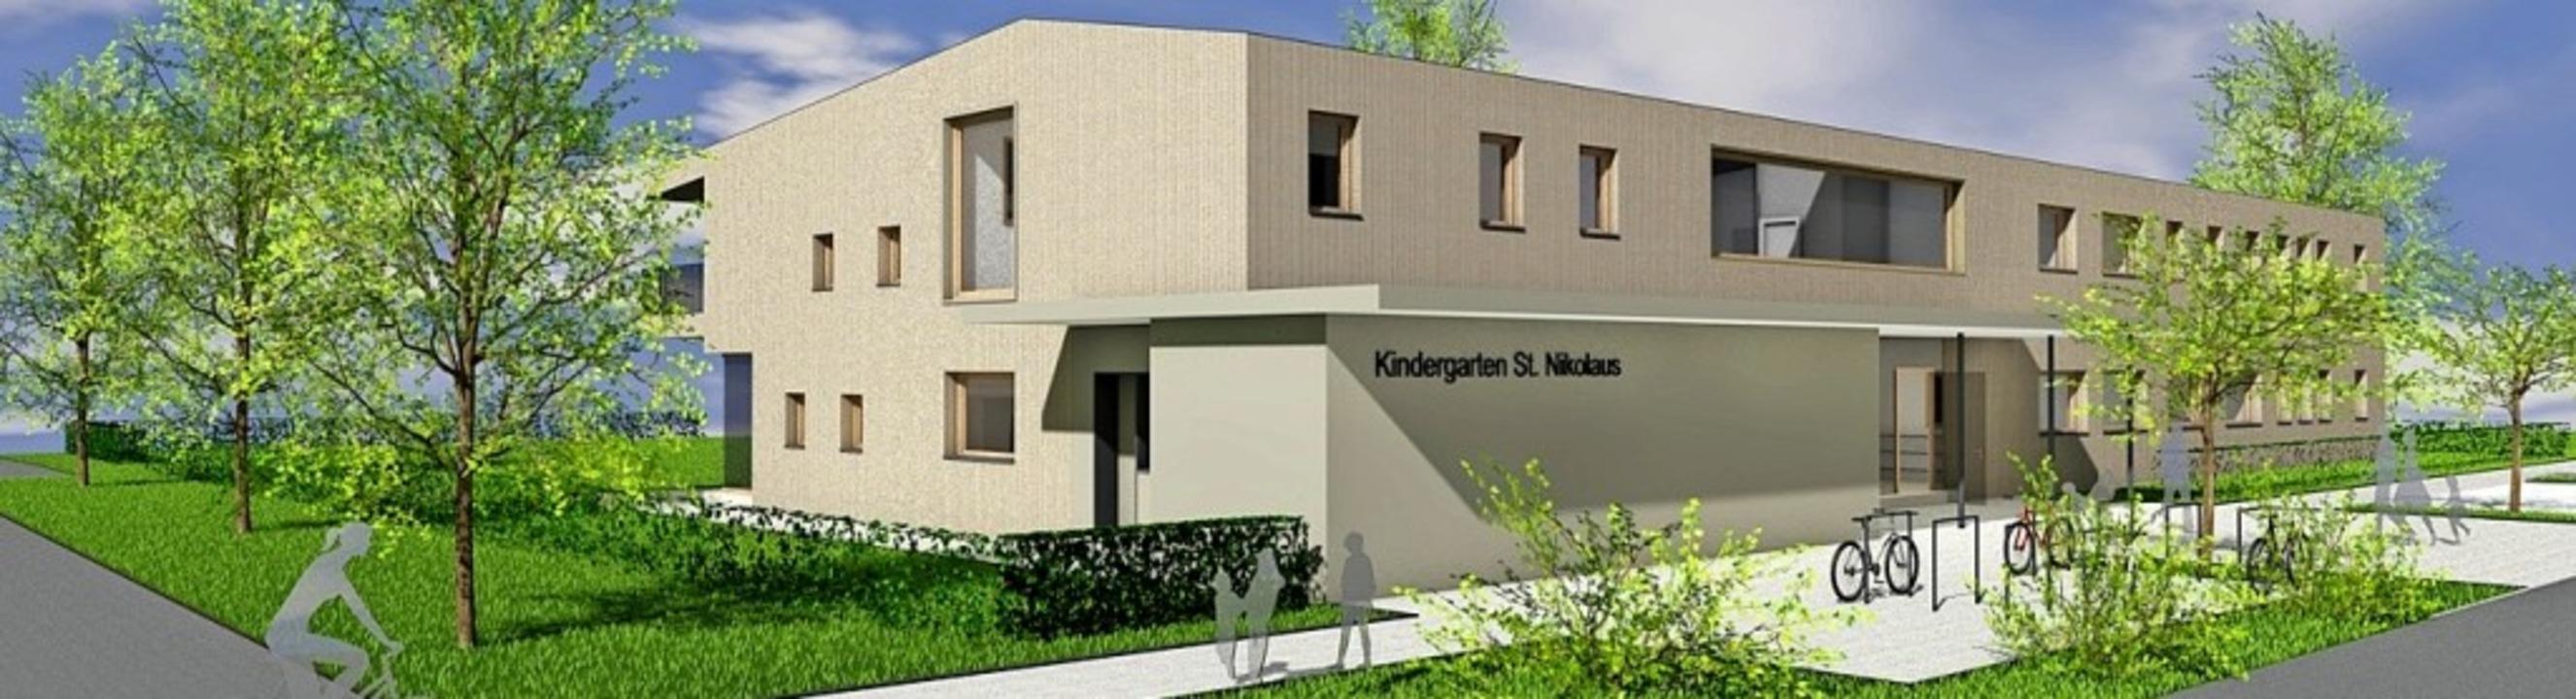 Der Entwurf für den neuen Kindergarten St. Nikolaus in Ichenheim     Foto: Kopf Architekten